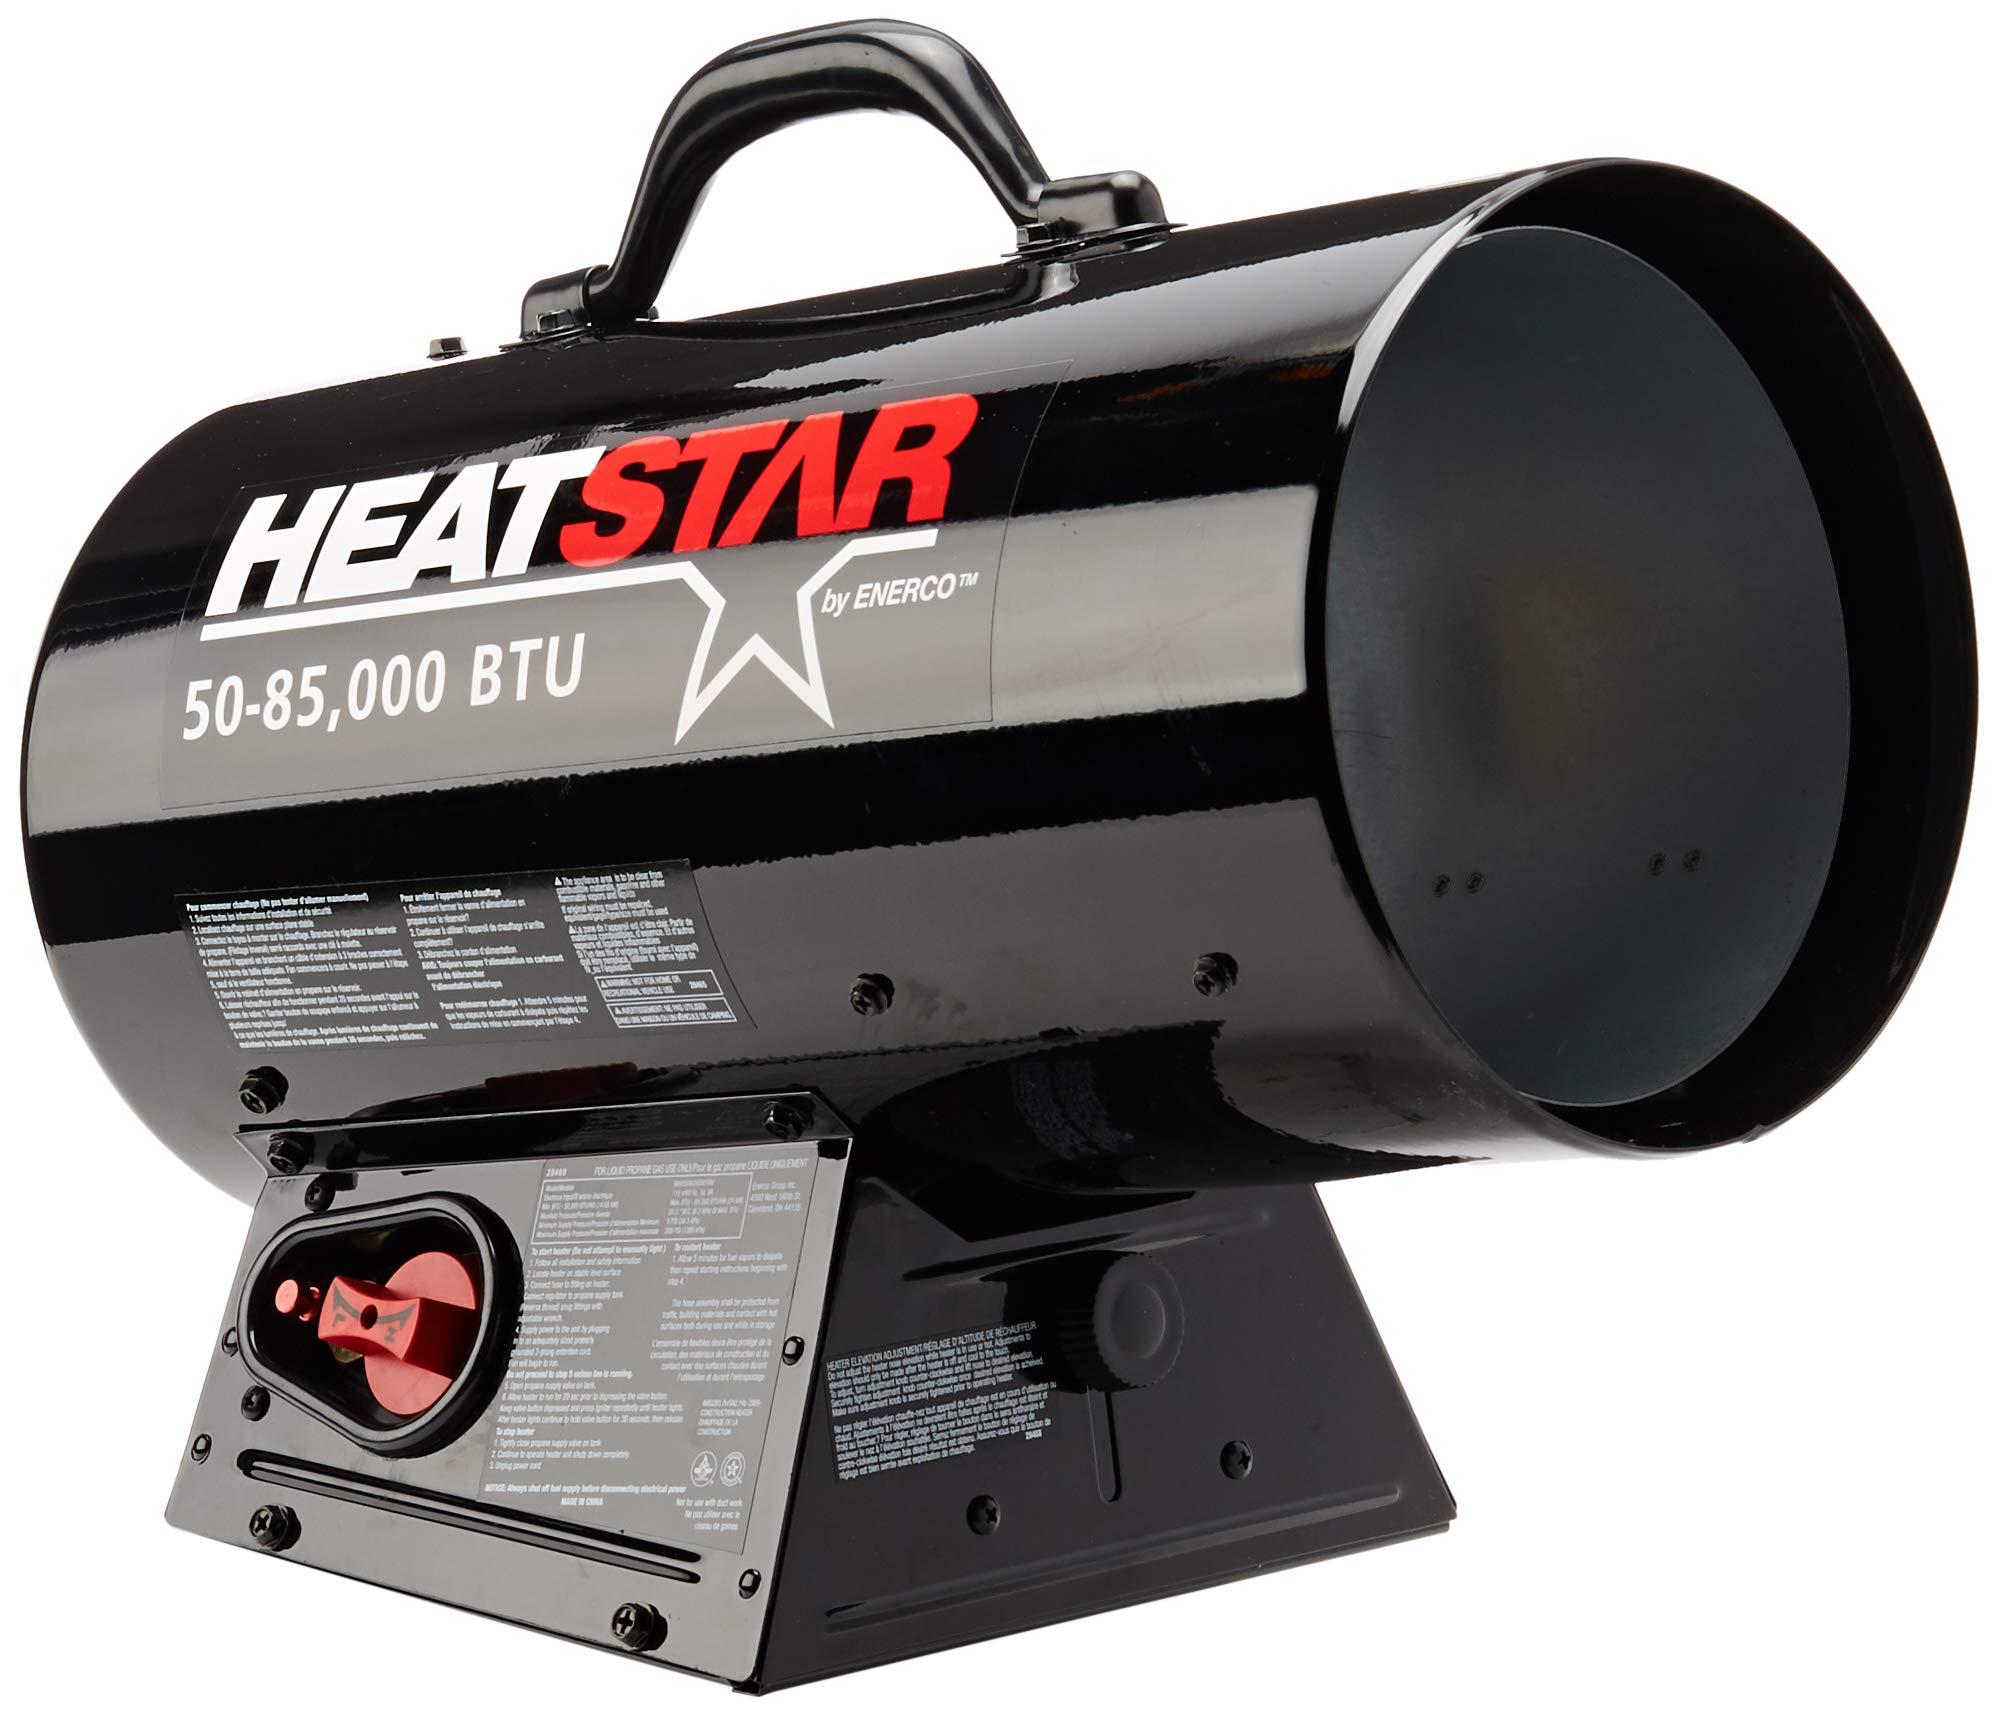 Heatstar By Enerco F170085 Forced Air Variable Propane Heater HS85FAV, 85K by Heatstar By Enerco